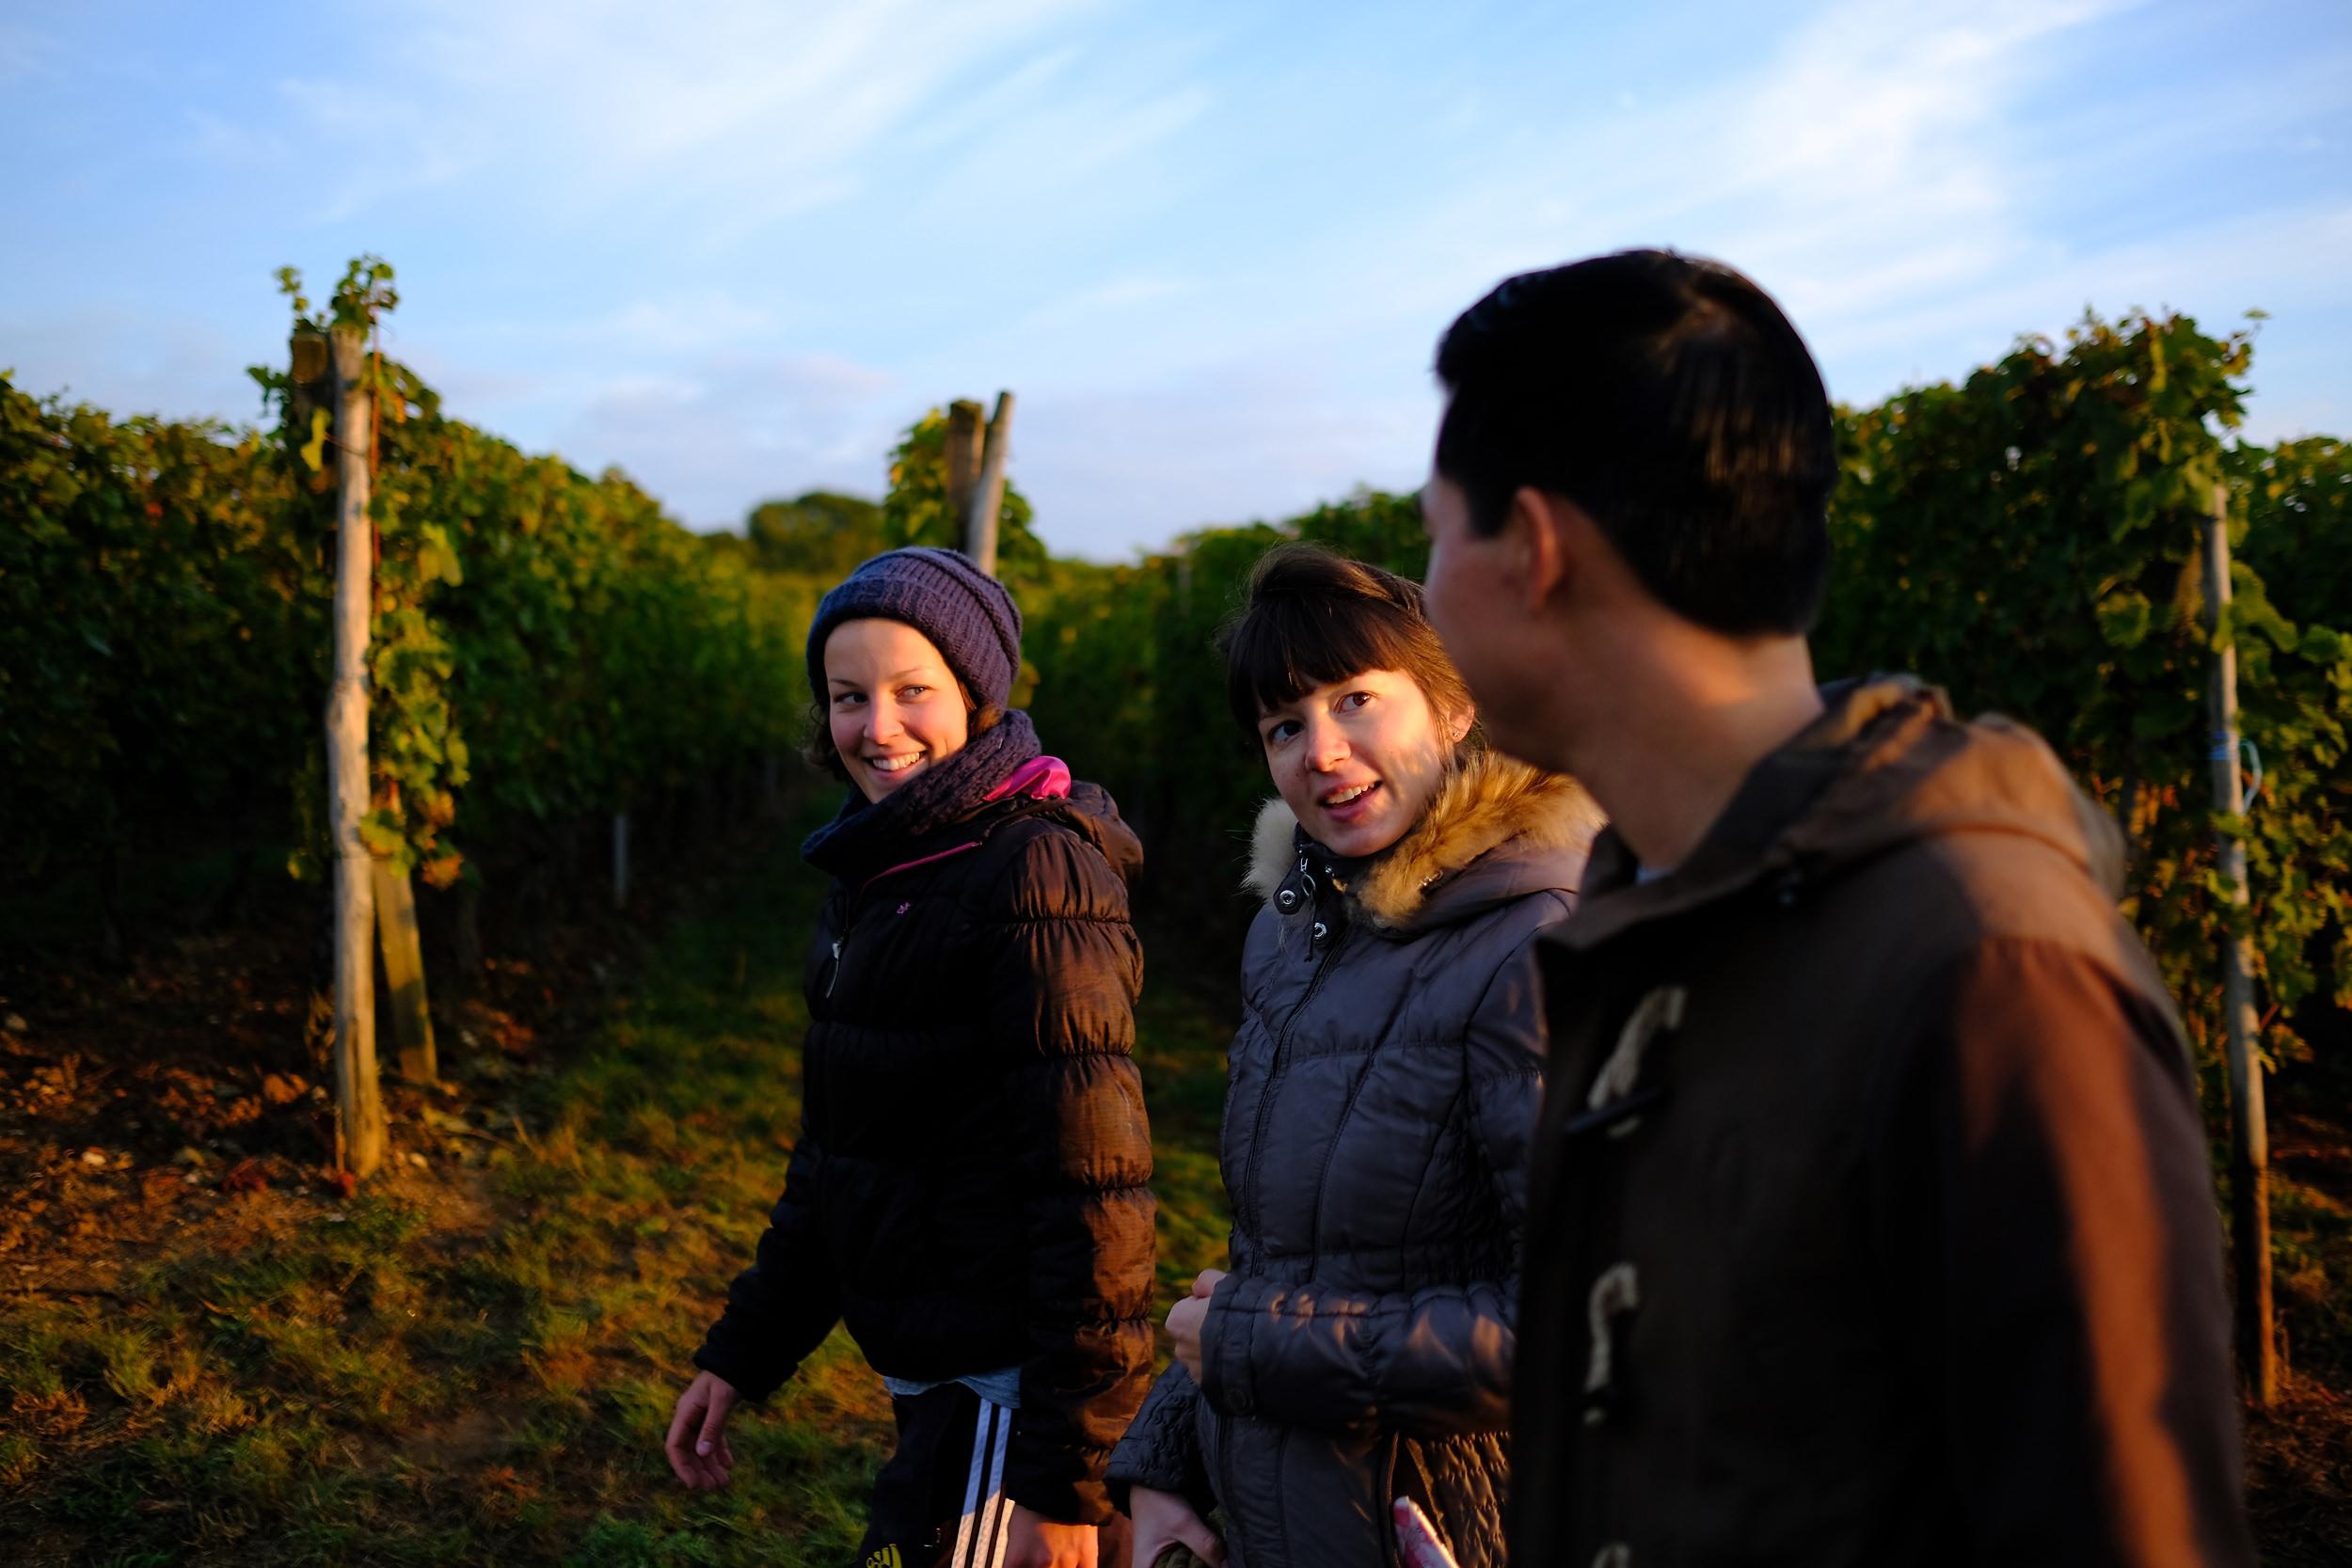 fotoreportage-wijn produceren-Vignoble des 2 lunes-Bosman Wijnkopers-451.jpg